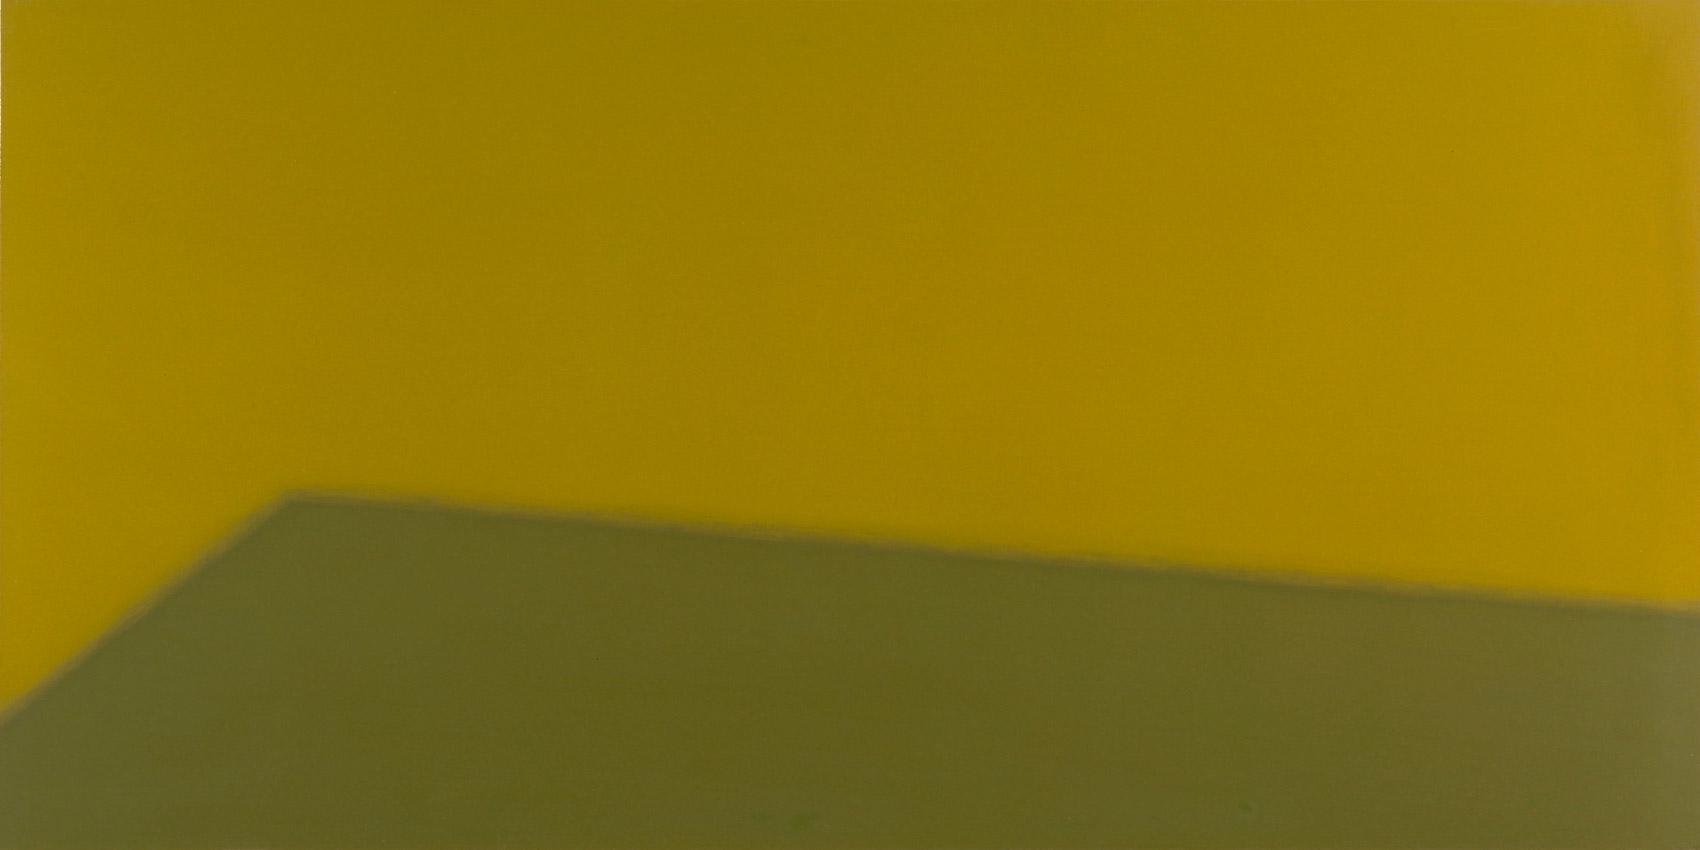 Sol, 1998, peinture alkyde sur Aerolam, 123 x 247 cm